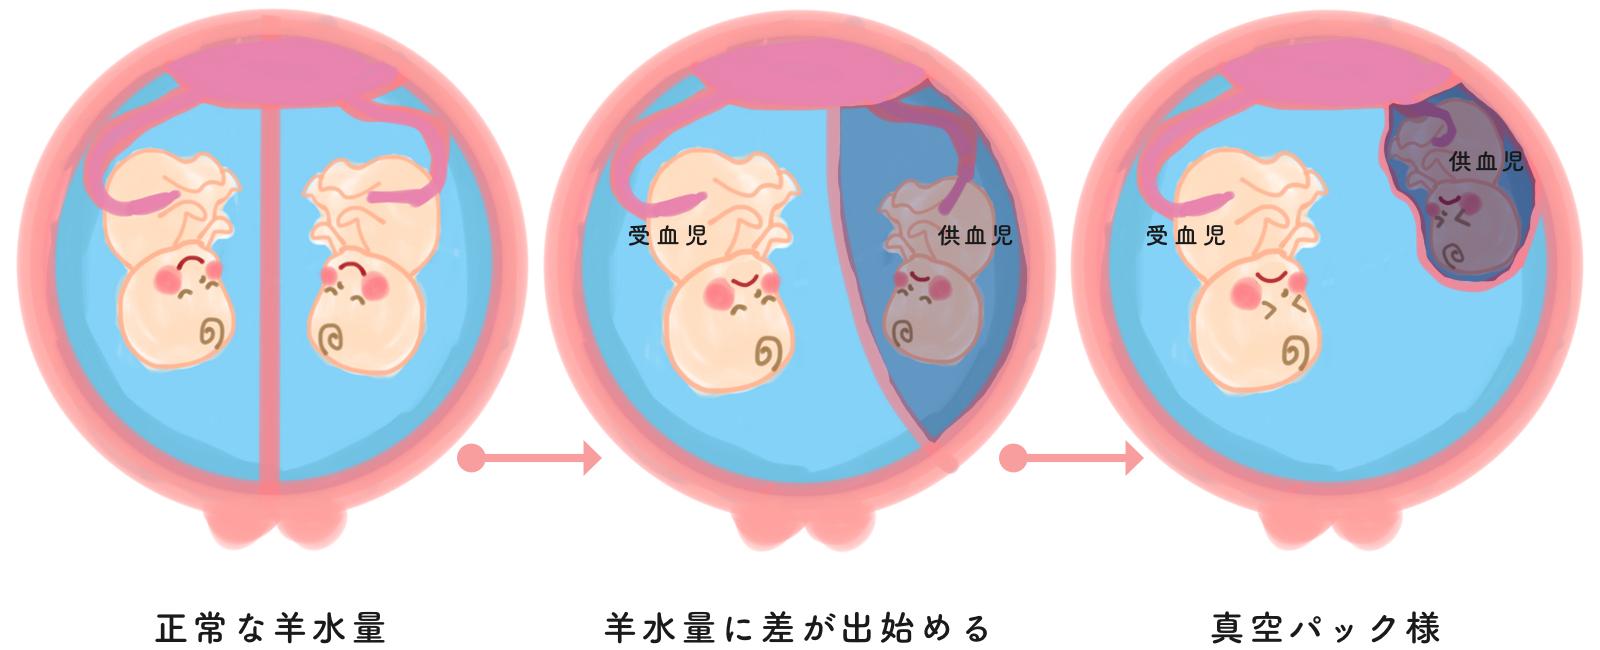 双胎間輸血症候群の進行